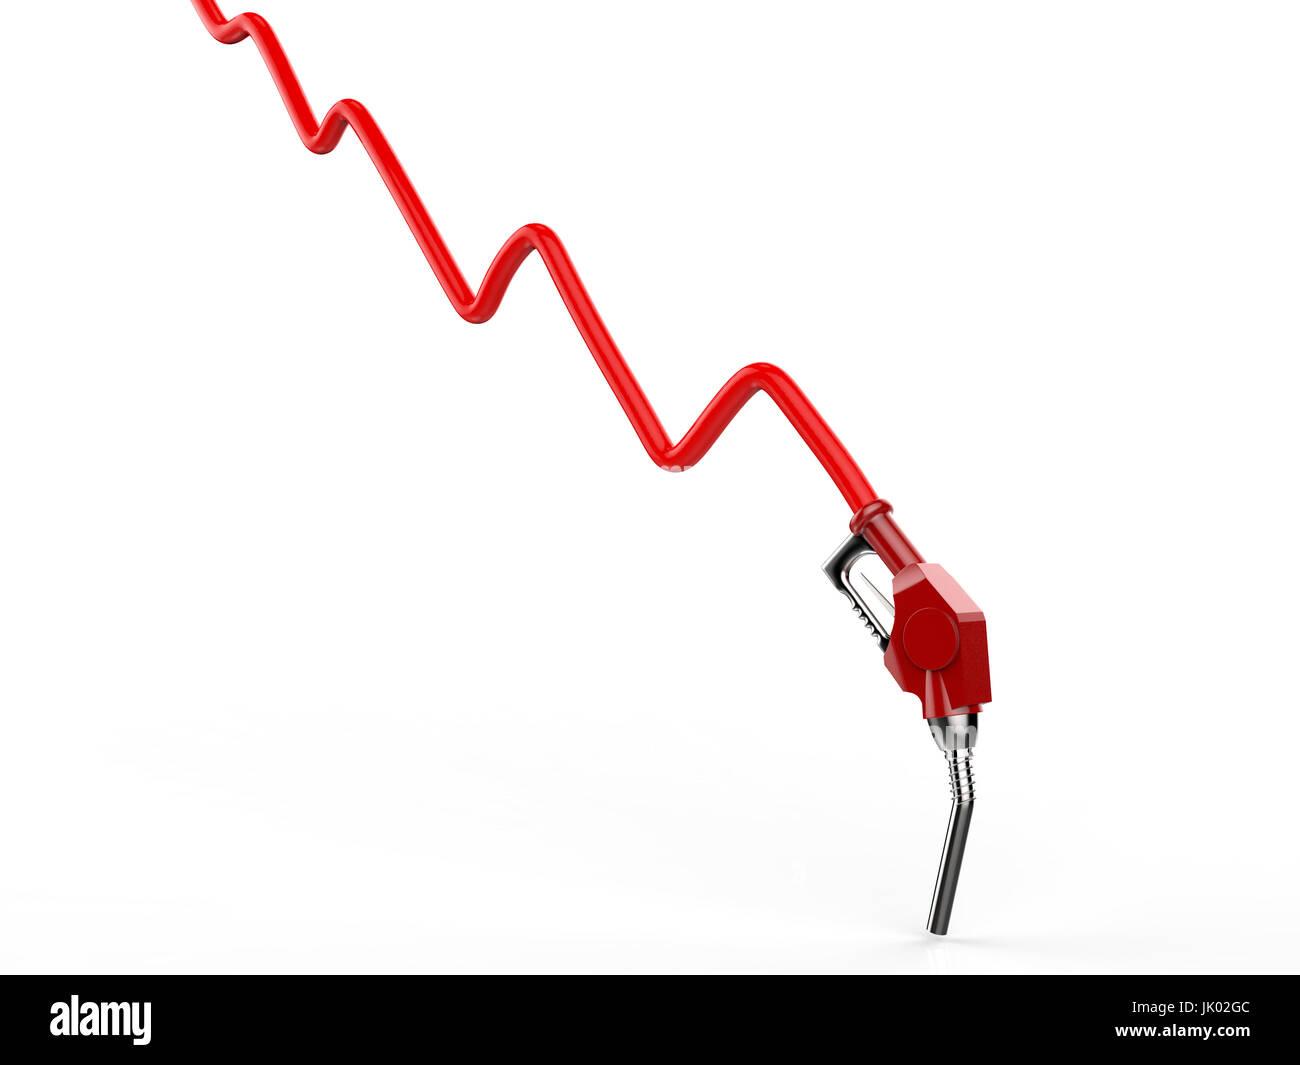 Caída del precio del petróleo con el concepto 3D rendering gráfico rojo y rojo boquilla Imagen De Stock